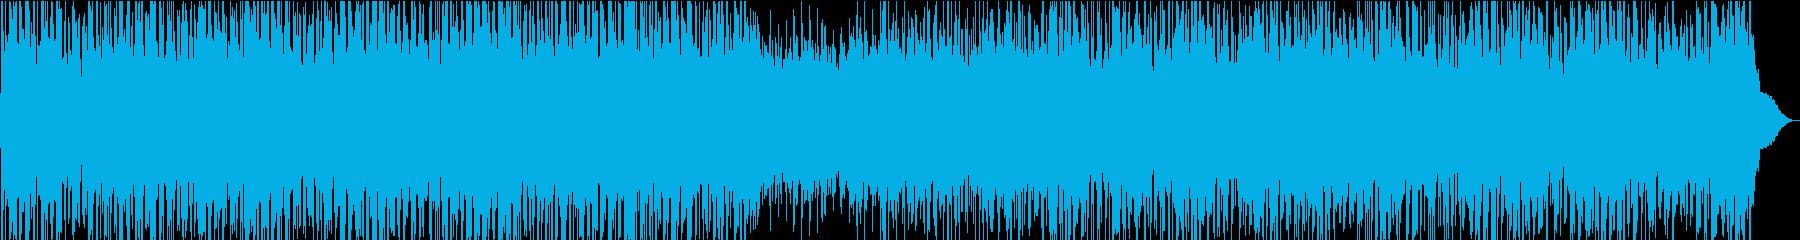 希望・かっこいいロック・オープニング向けの再生済みの波形